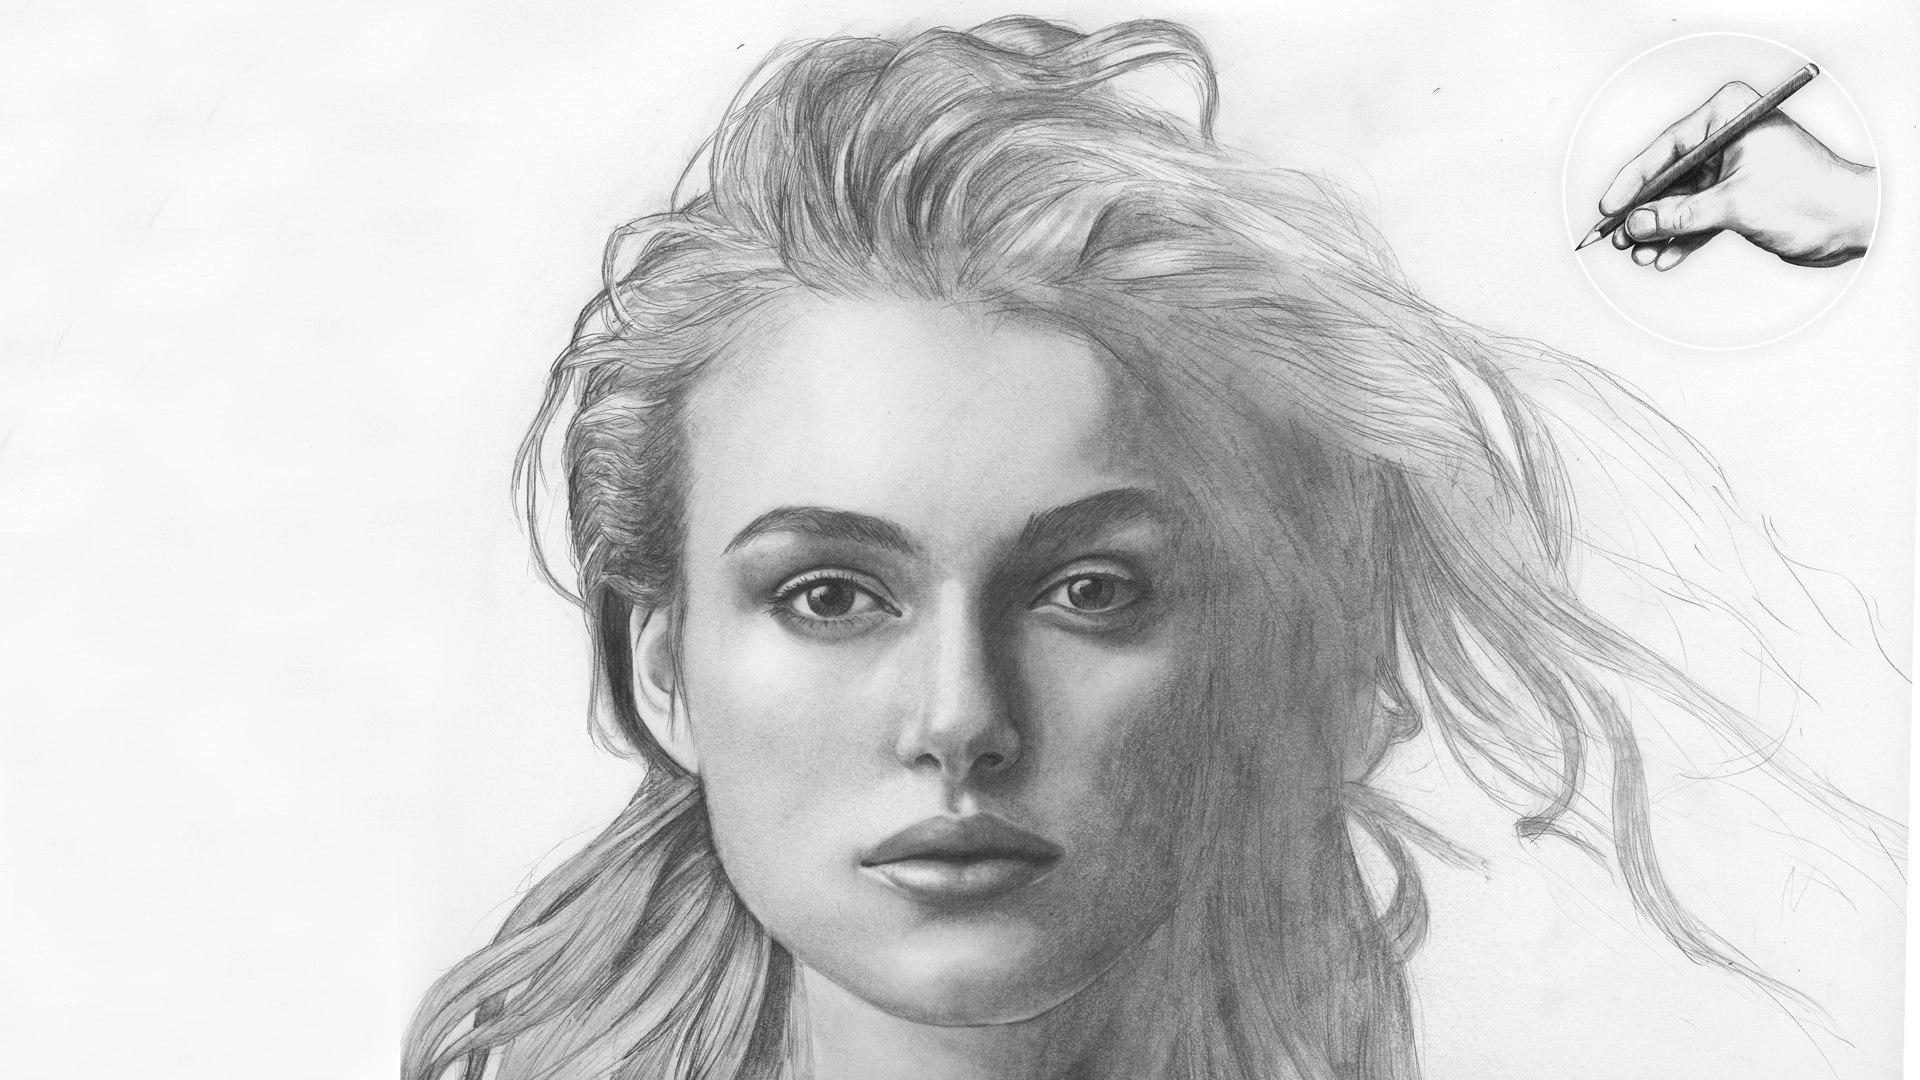 Keira Knightly Portrait Zeichnung Zeichenkurs Lerne Zeichnen Zeichnen Lernen Malen Bleistift Elizabeth Swann